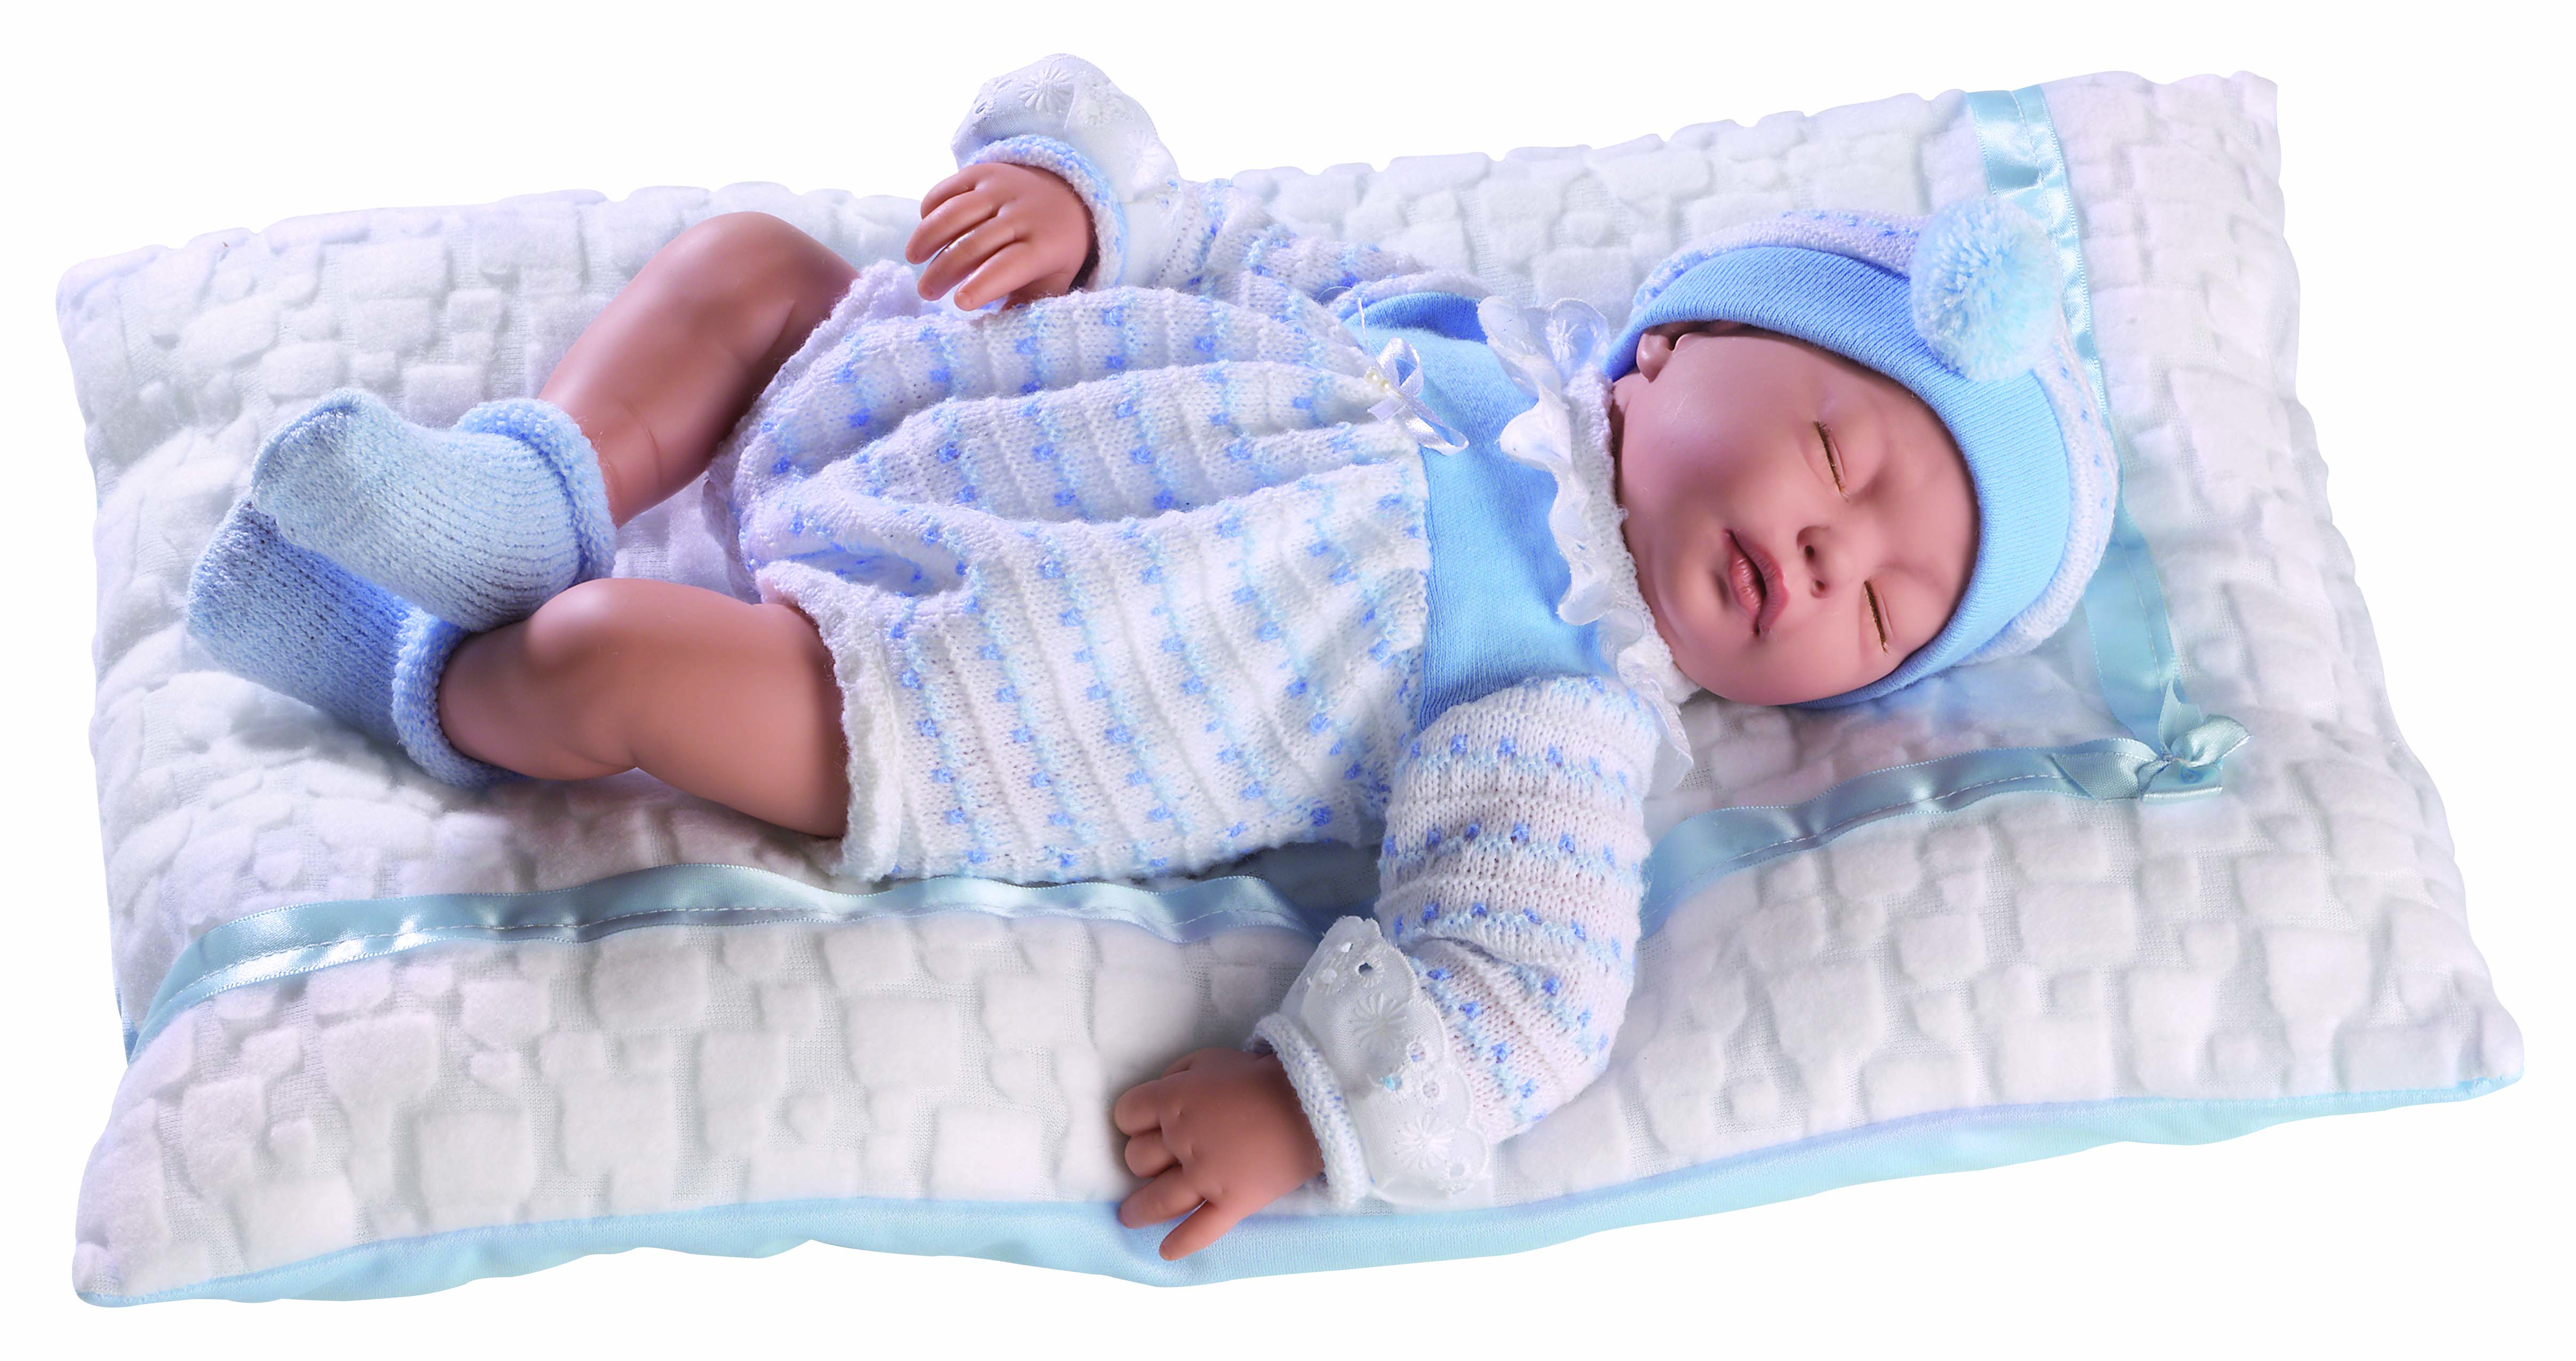 Cris Bebé con ropita celeste y cojín blanco